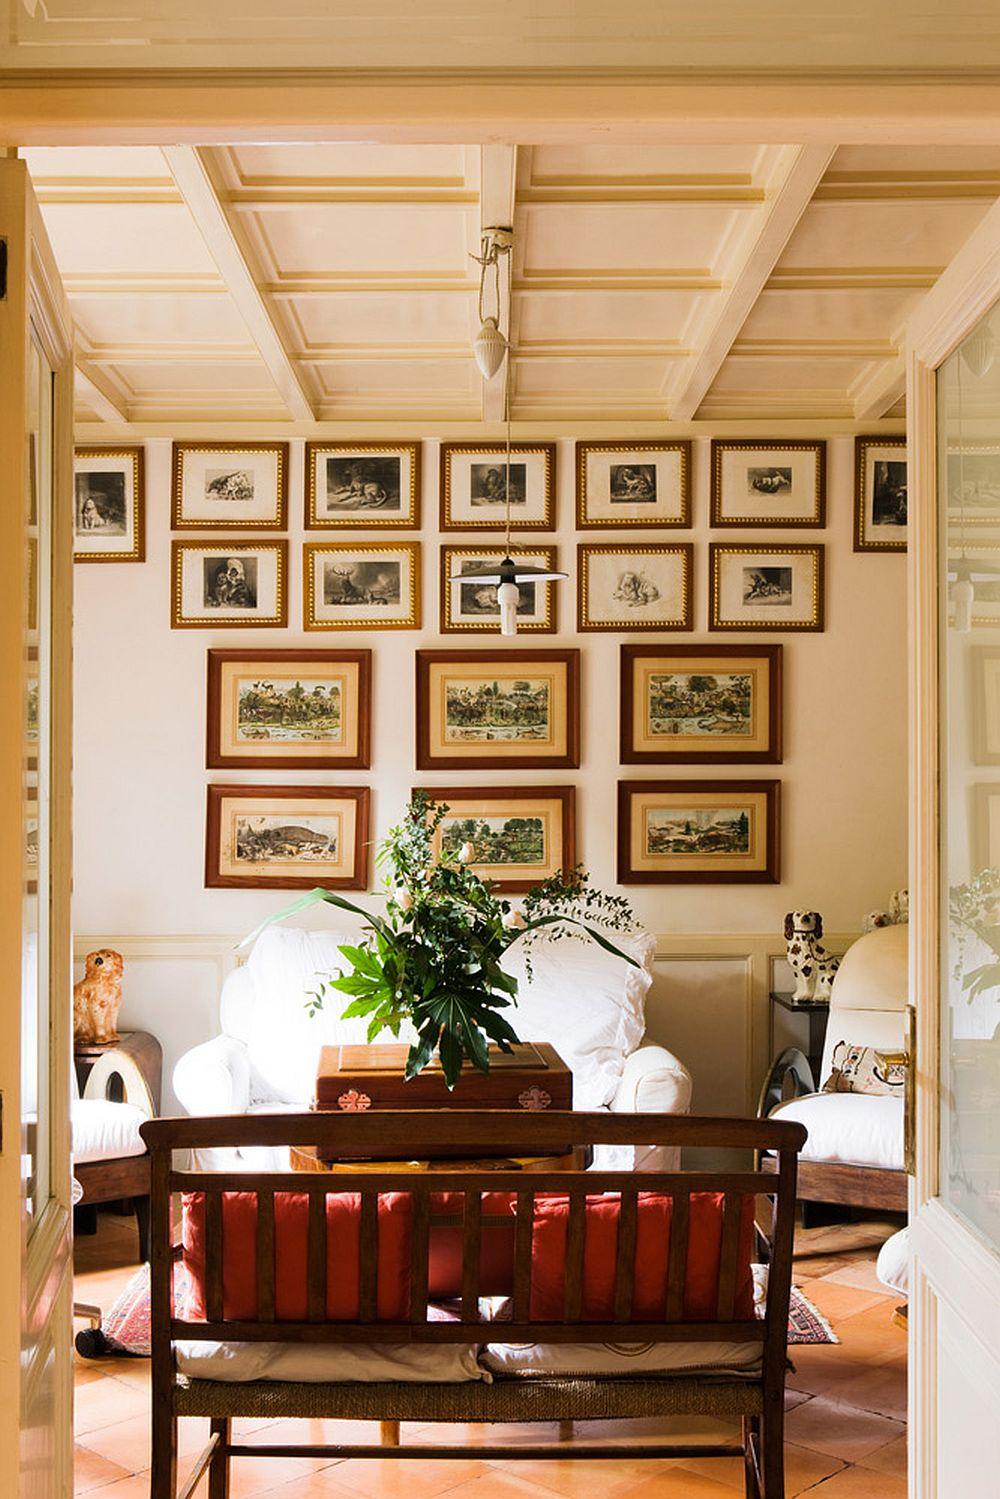 adelaparvu.com despre casa Anna Fendi Venturini, design interior Cesare Rovatti, Foto Andriano Bacchella (27)